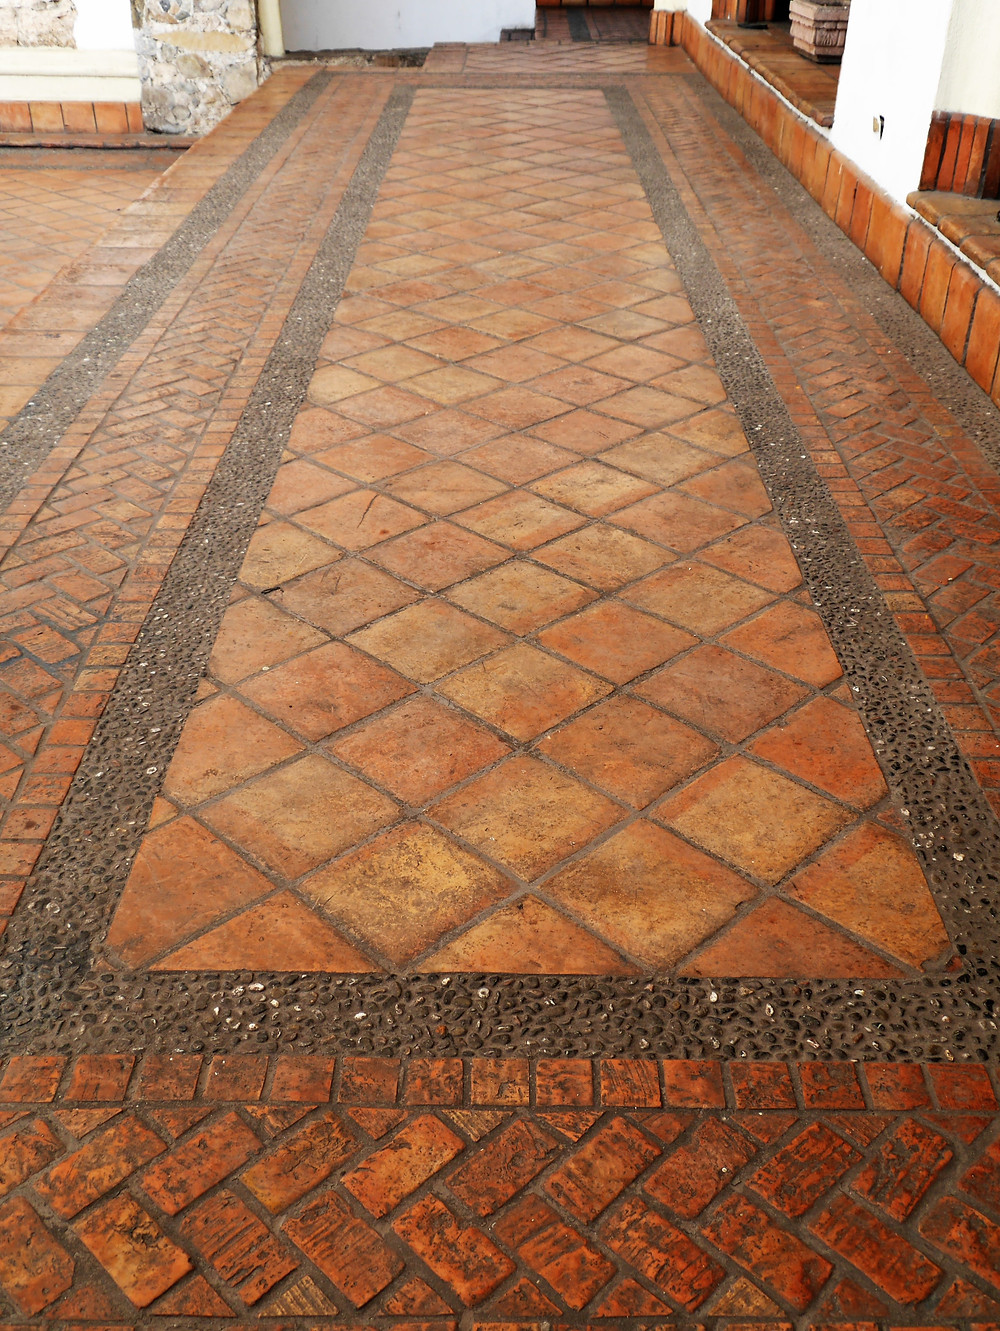 Saltillo, Coahuila, Mexico tiles